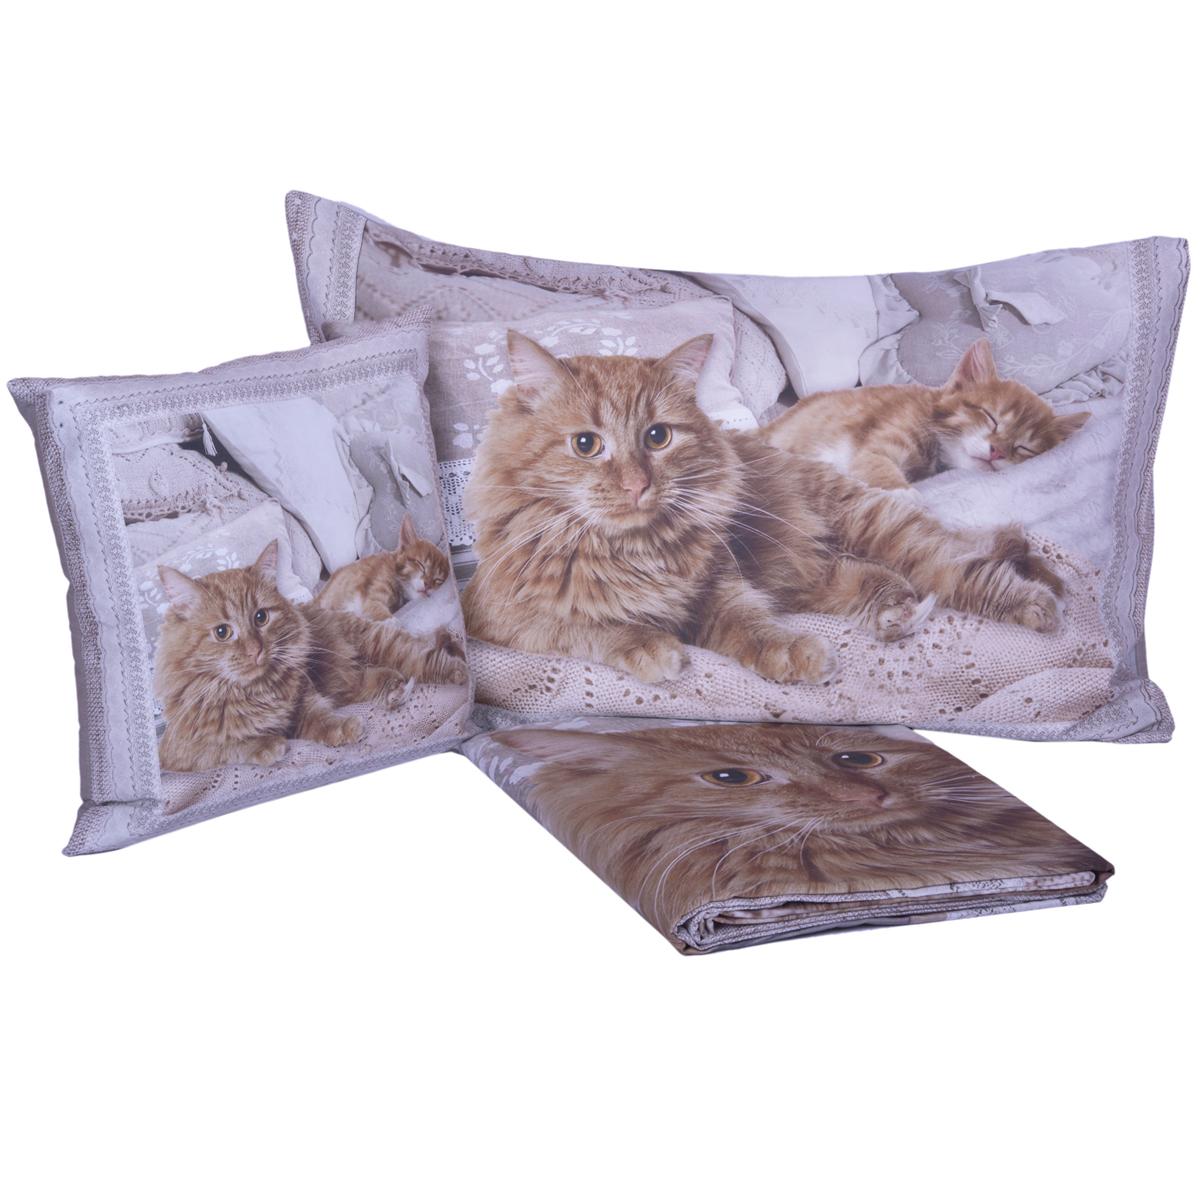 Copripiumino Gatti.Parure Copripiumino Gatti Miao Stampa Digitale In Puro Cotone